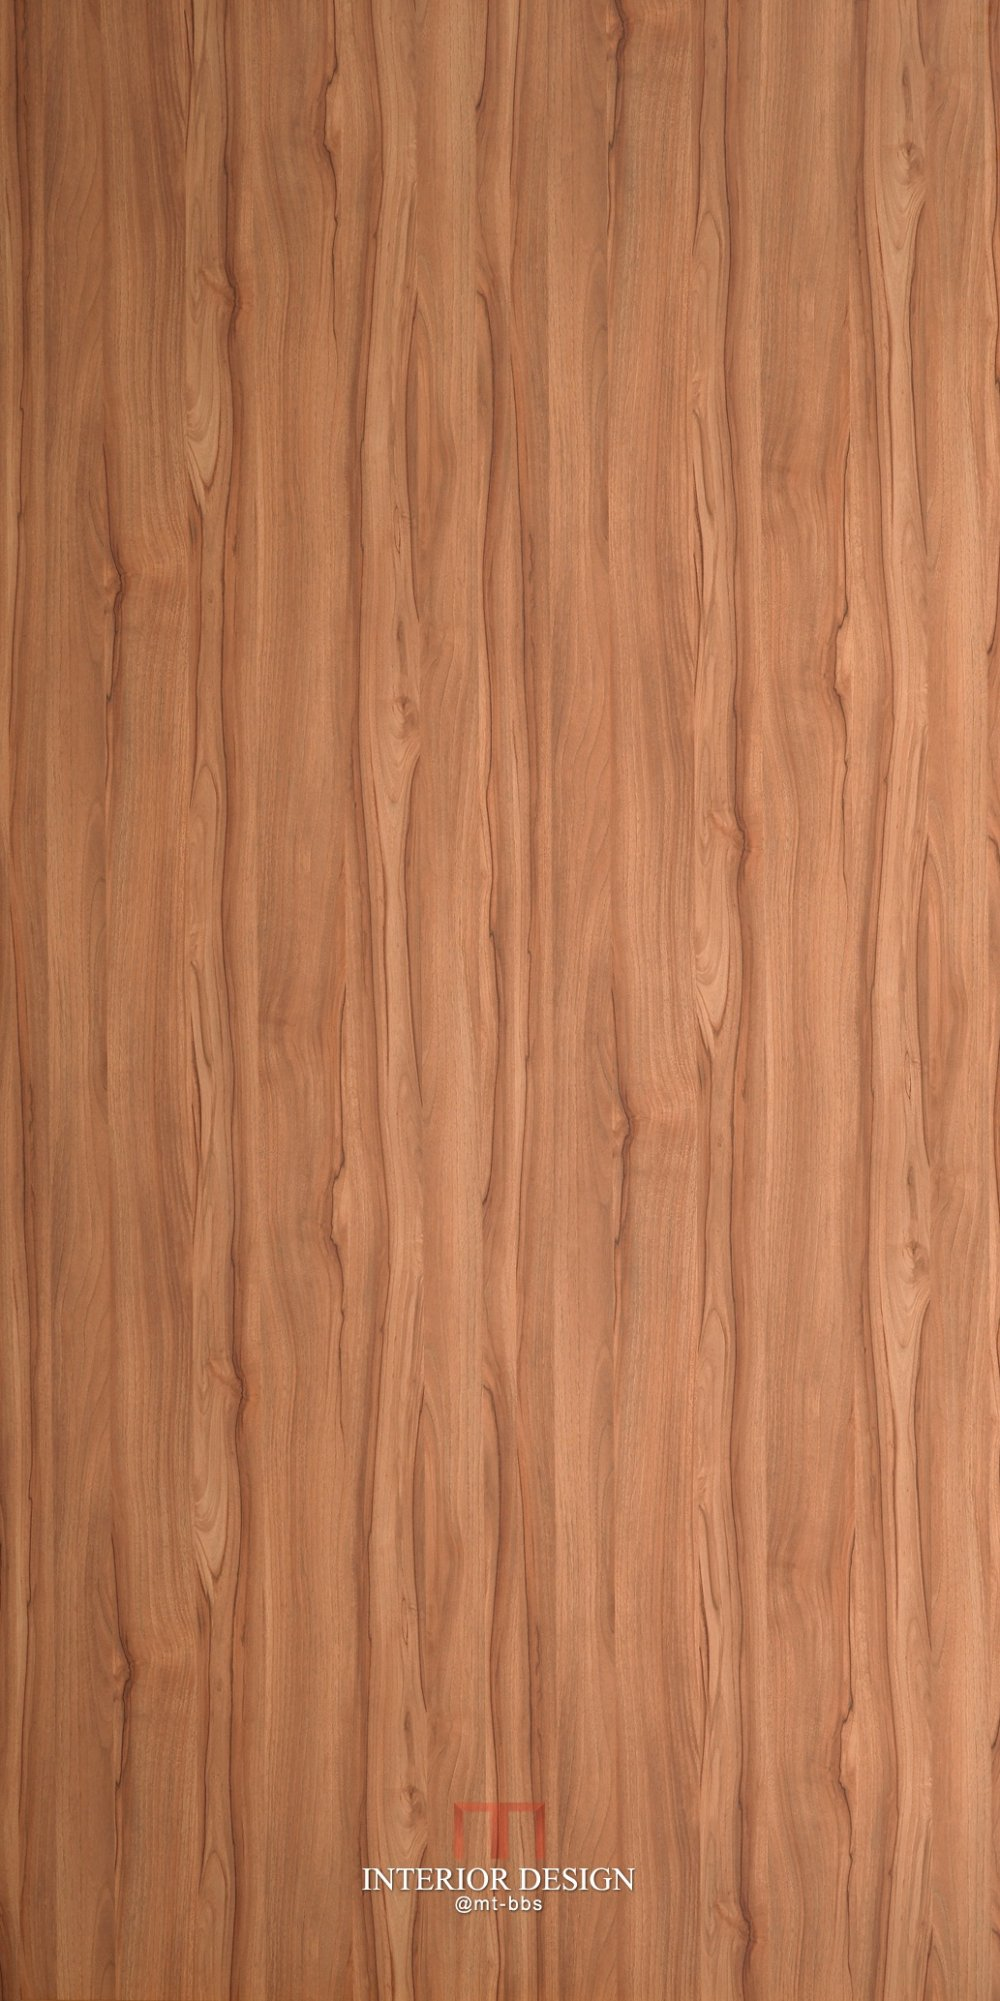 5487 - Oiled Walnut (in 4\\\' x 8\\\').jpg